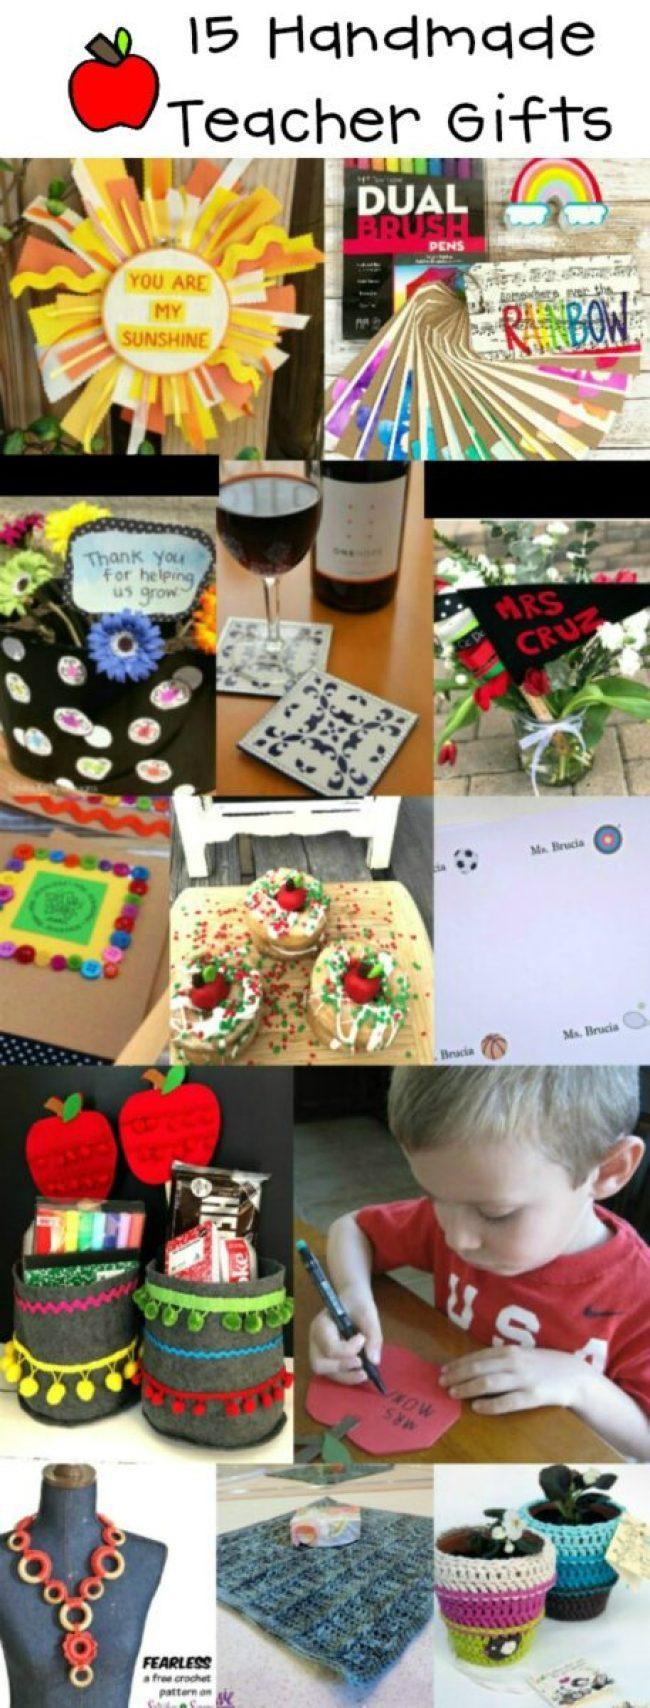 15-Handmade-Teacher-Gift-Ideas-1